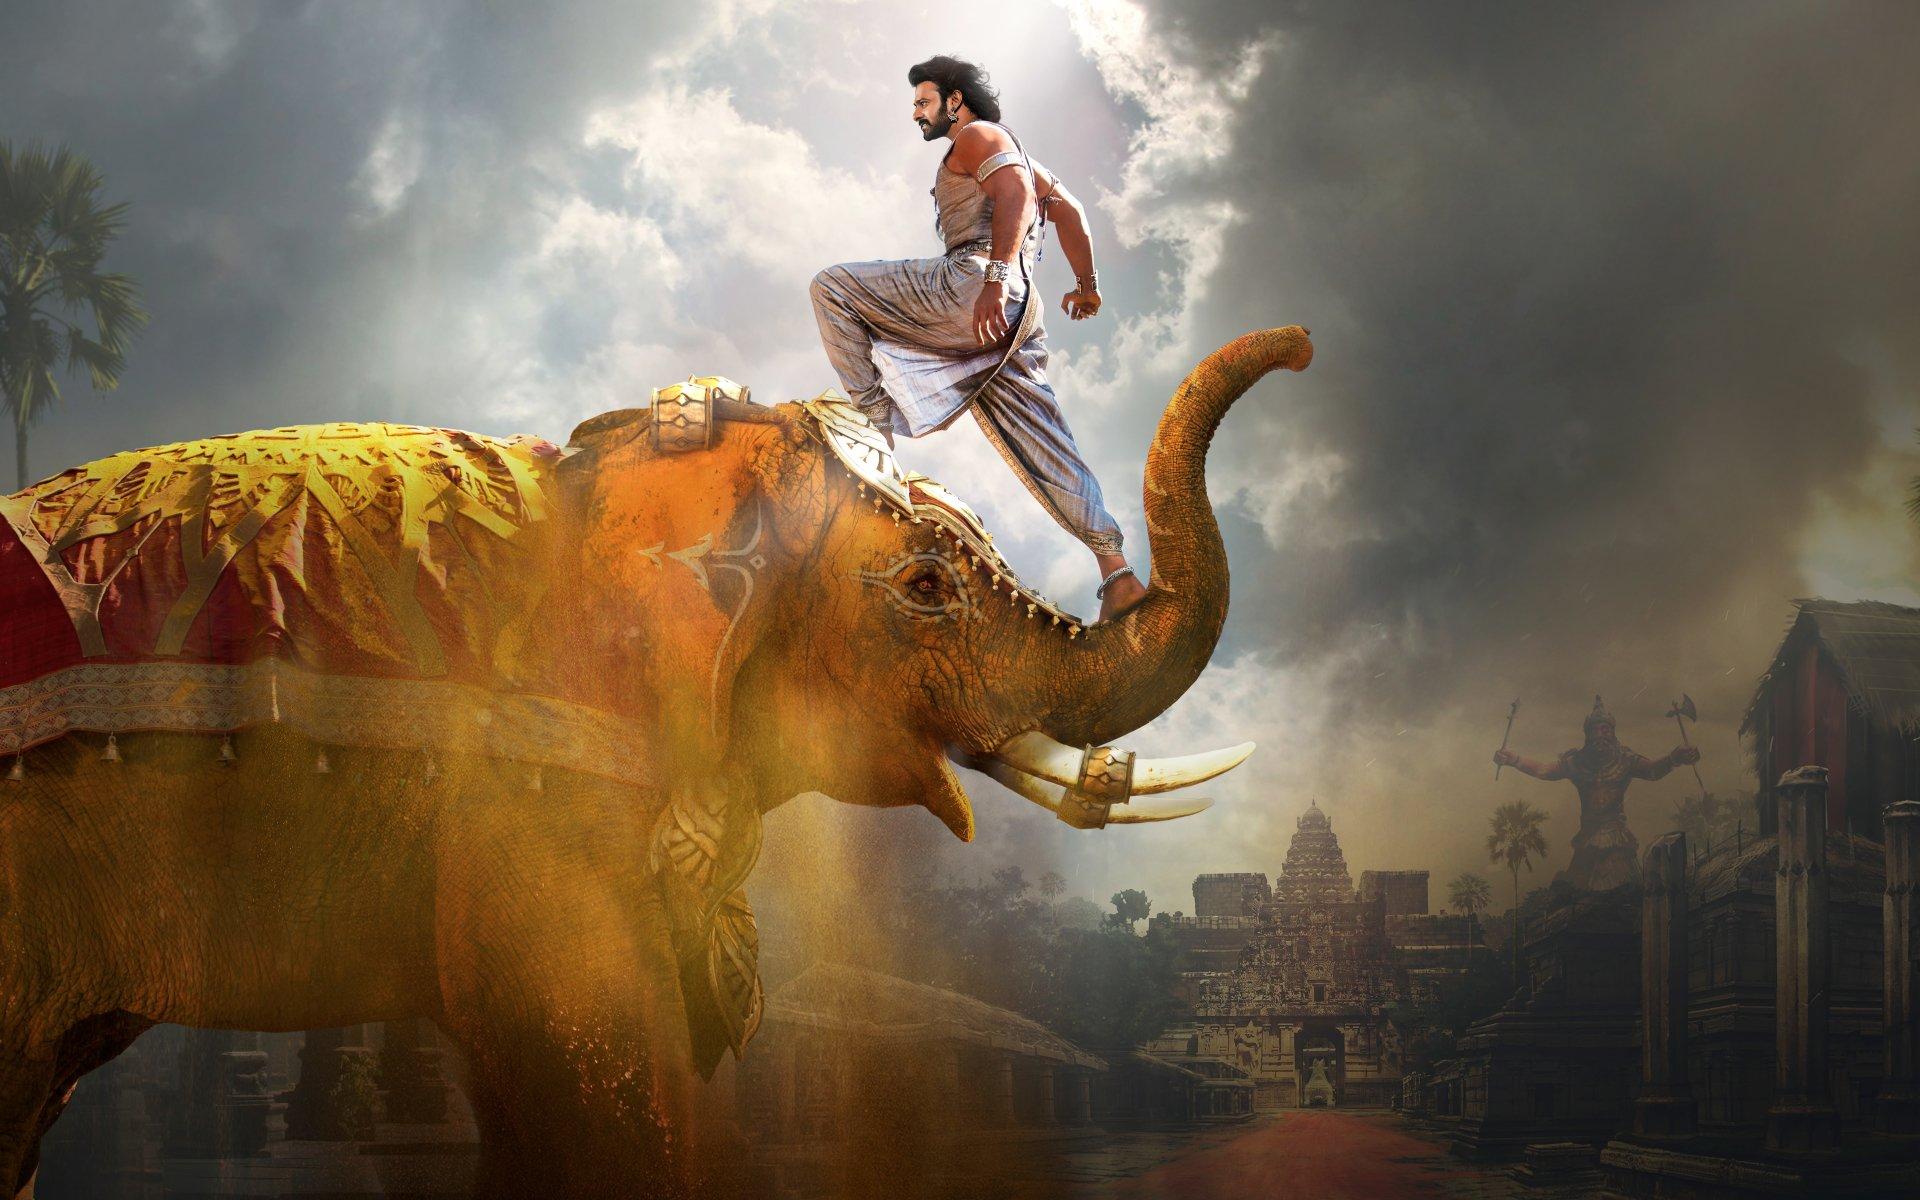 Huvudrollen i Bahuubali på en elefant